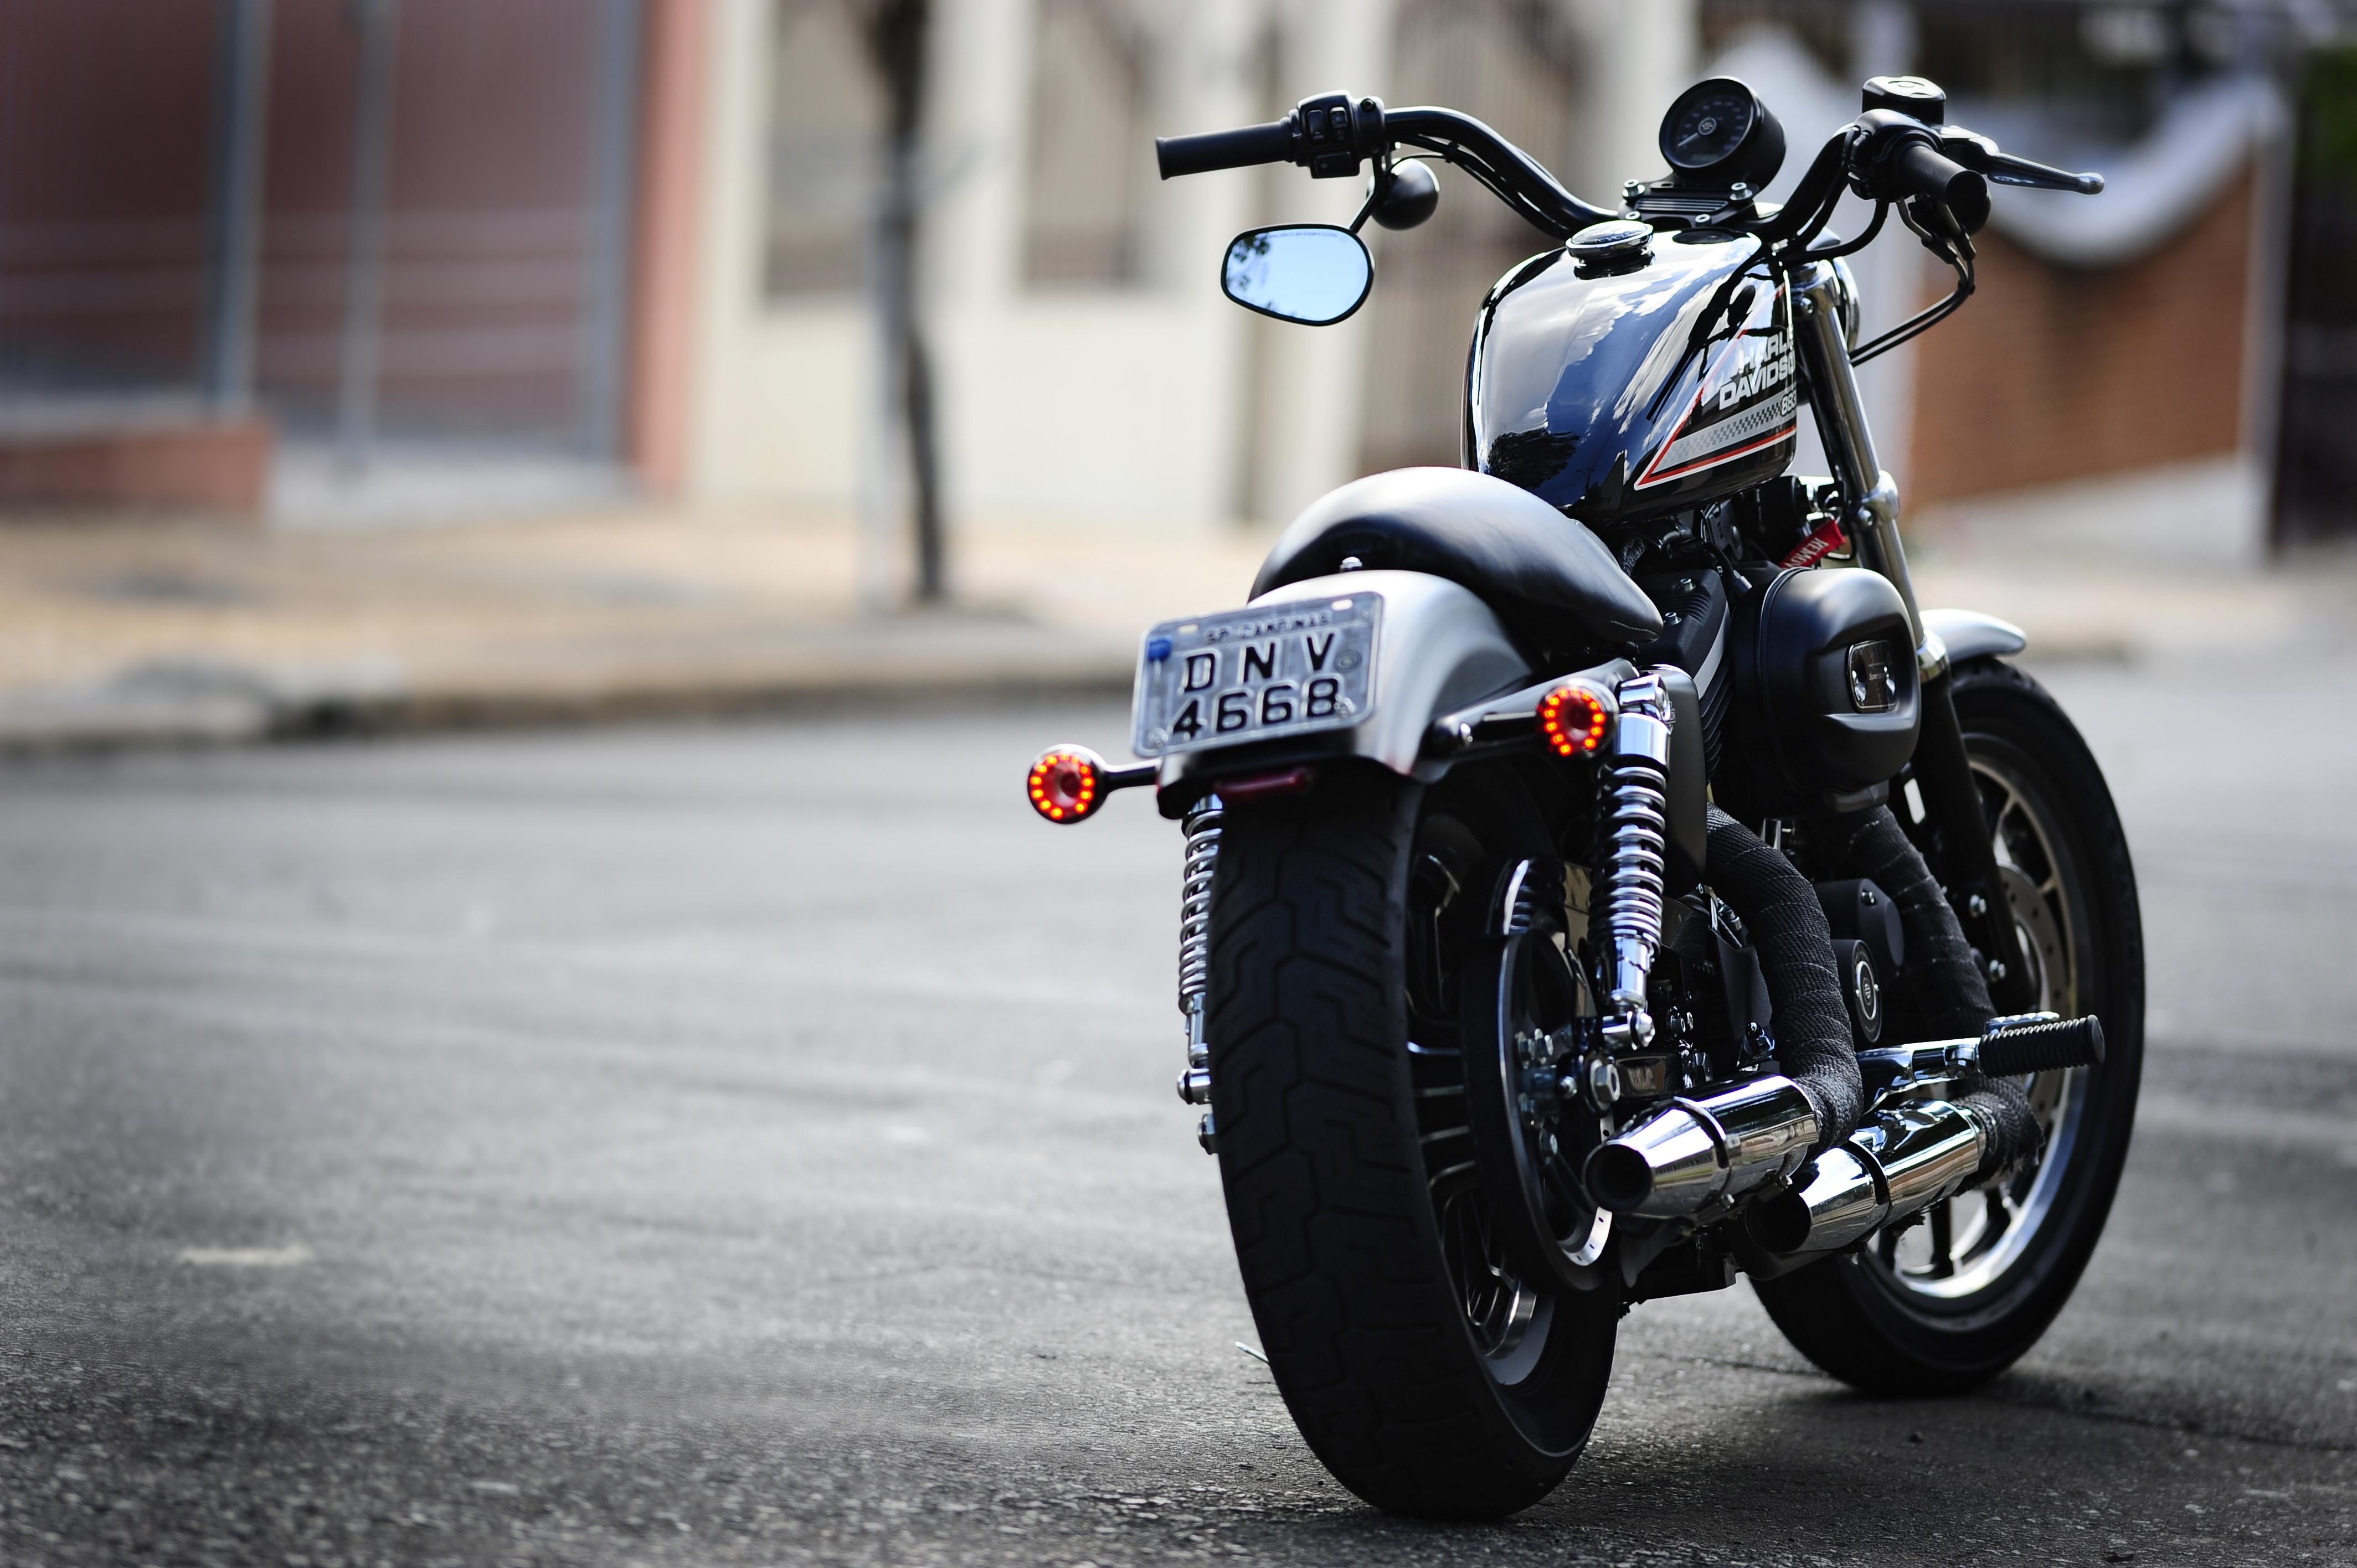 114378 скачать обои Мотоциклы, Мото, Харлей, Harley Davidson 883 - заставки и картинки бесплатно